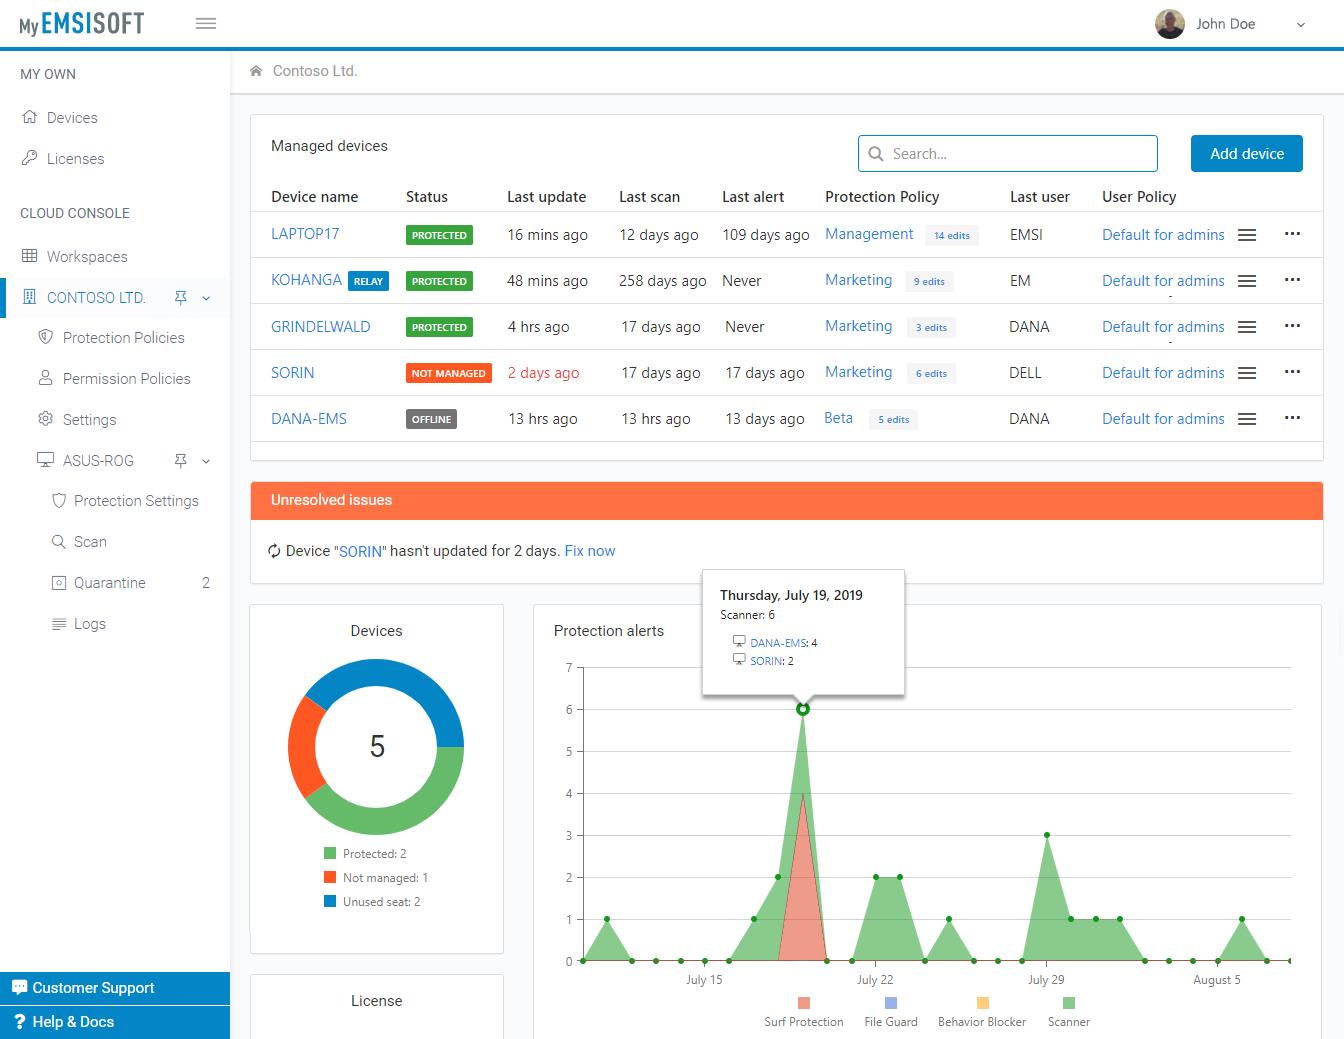 Einfache Verwaltung Ihres Unternehmensschutzes mit Emsisoft Cloud Console